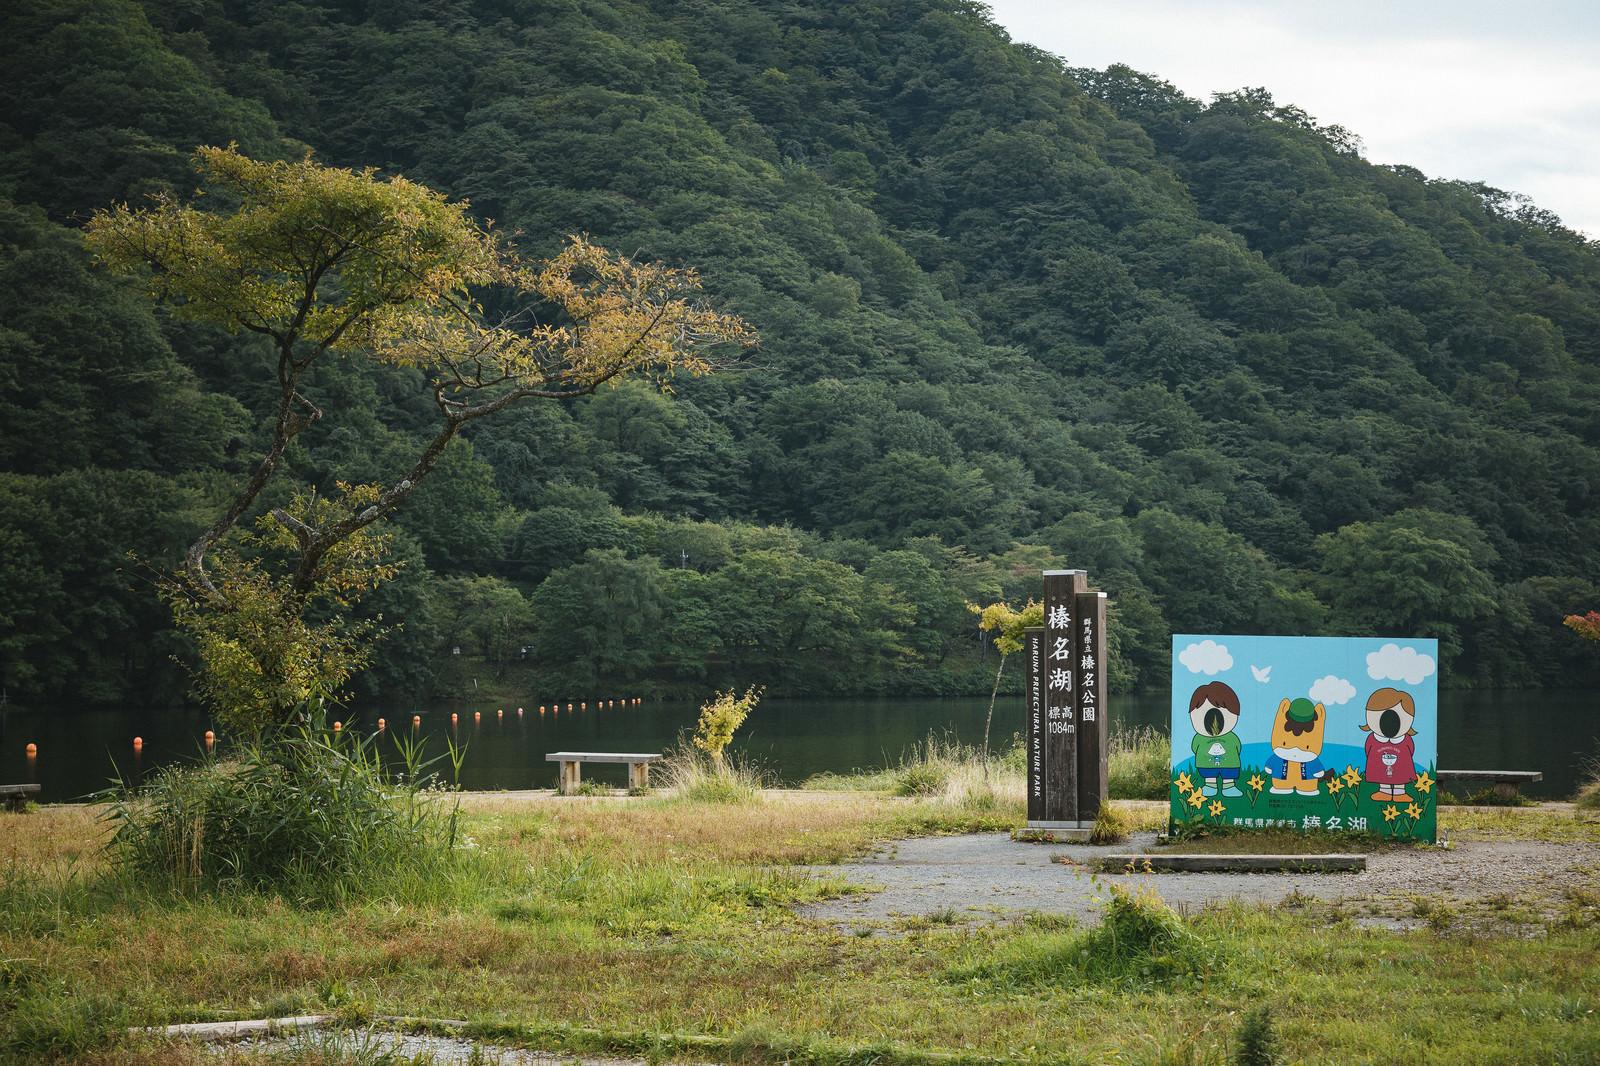 「榛名公園と榛名湖榛名公園と榛名湖」のフリー写真素材を拡大